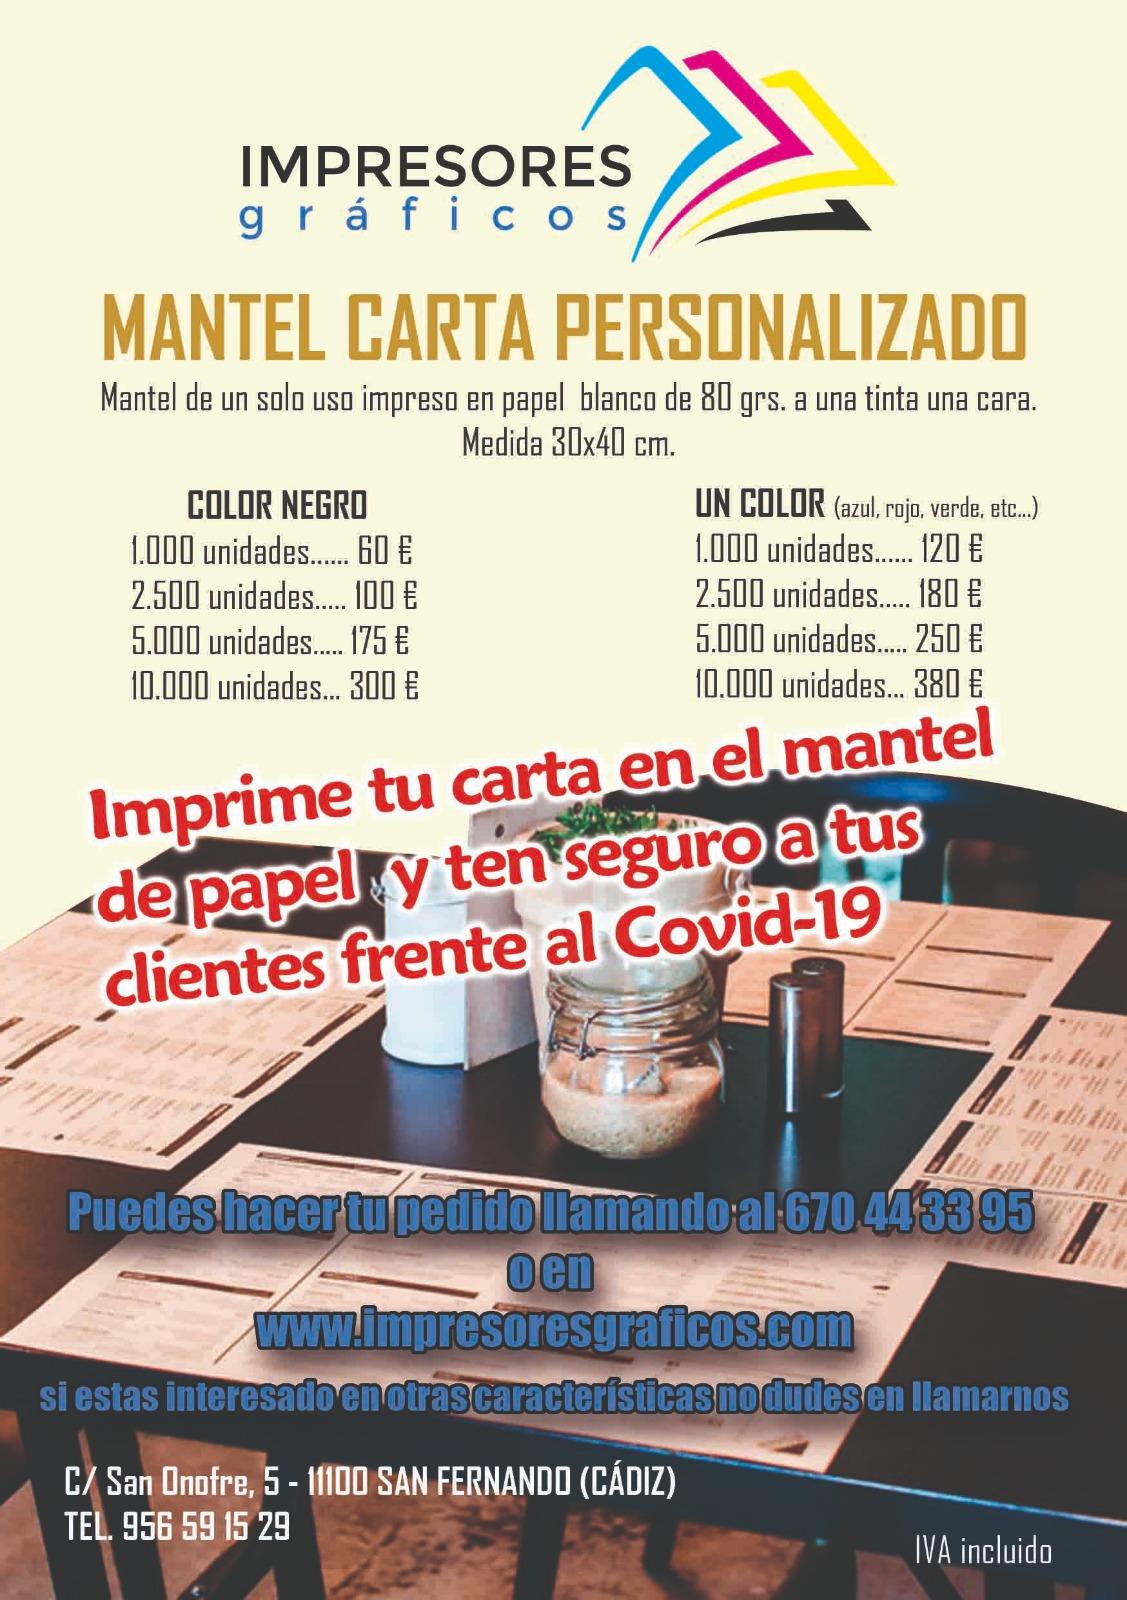 MANTEL CARTA PERSONALIZADO